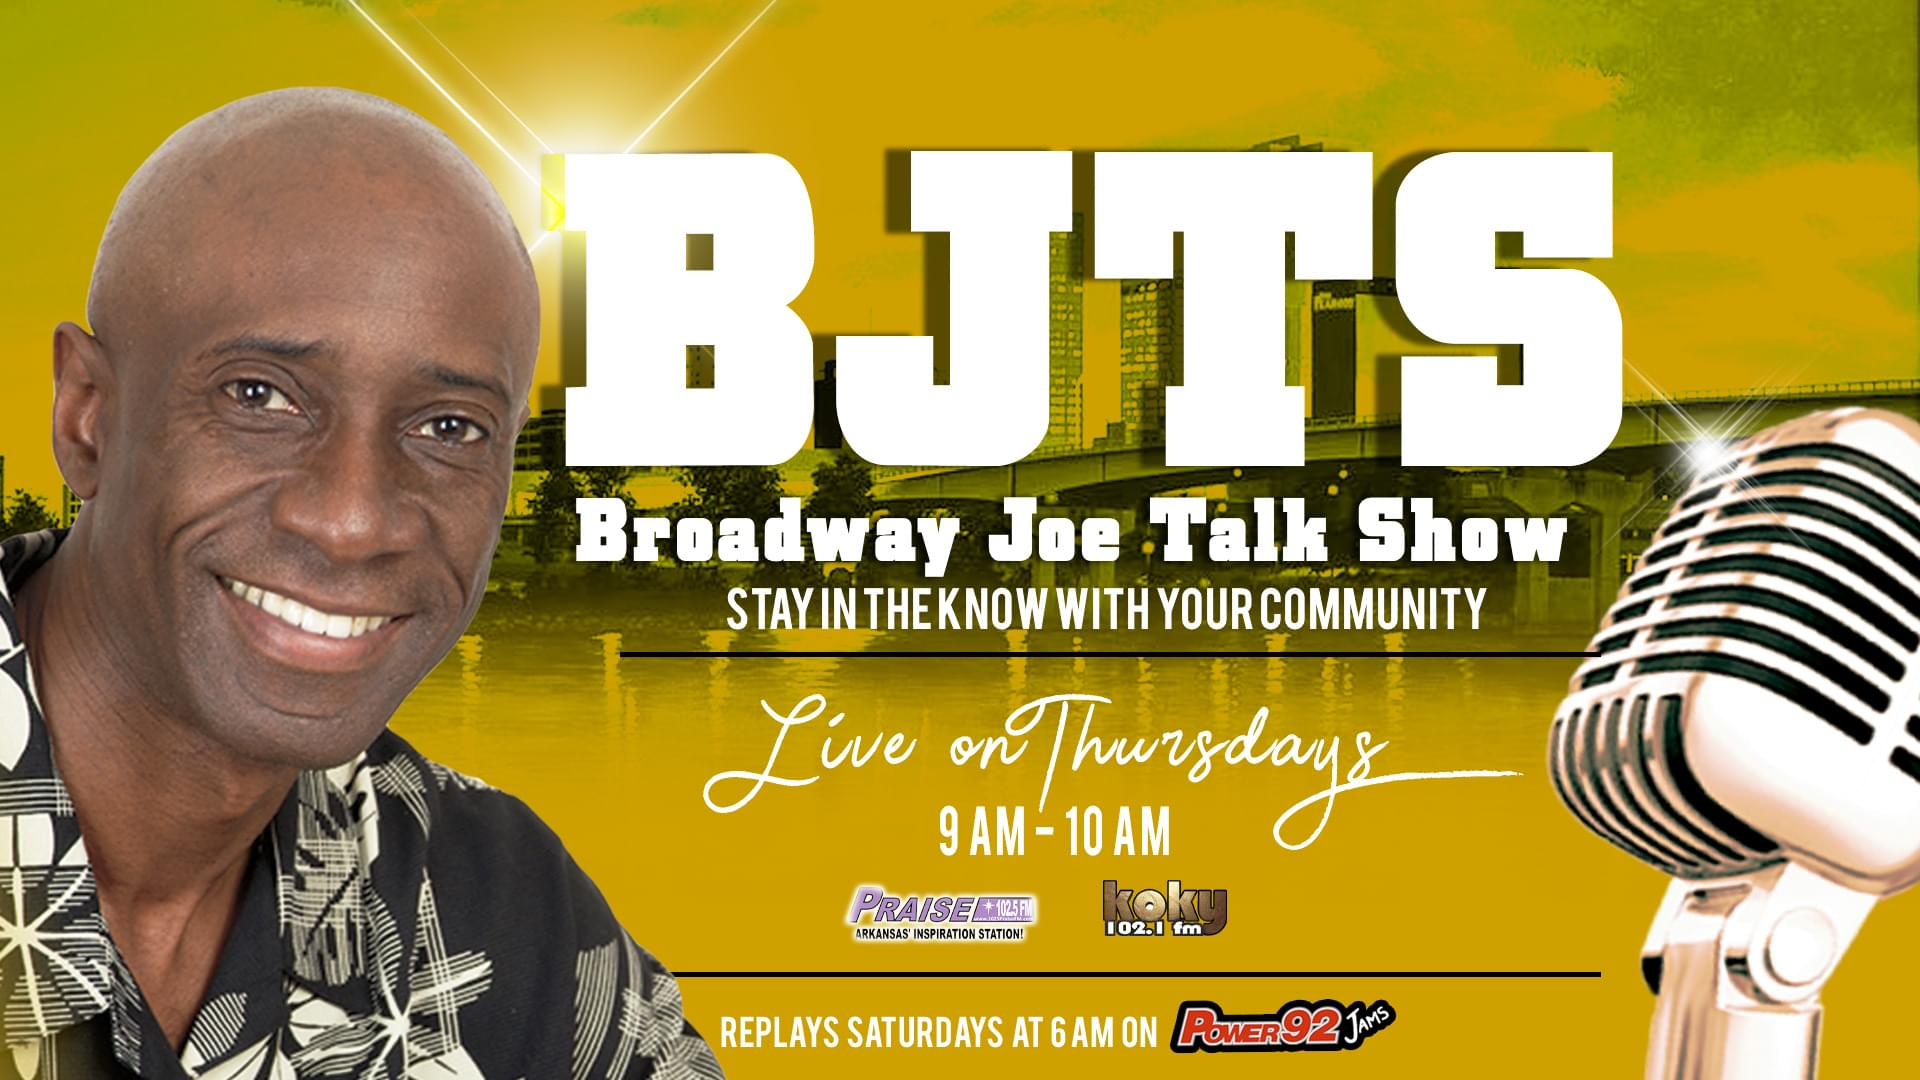 Broadway Joe Talk Show